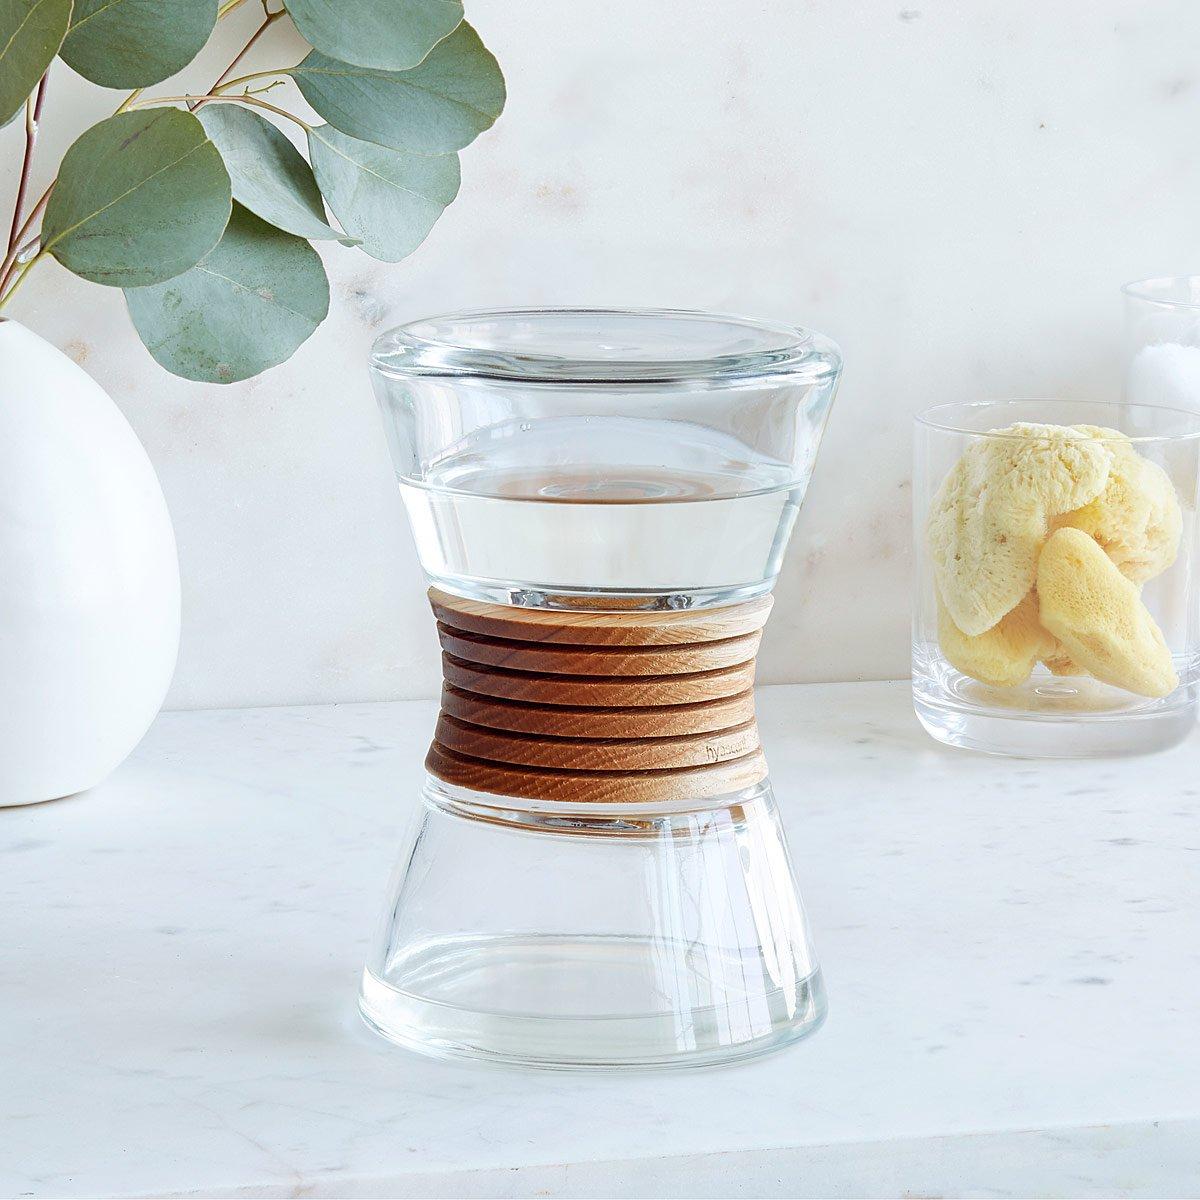 Hourglass Oil Diffuser